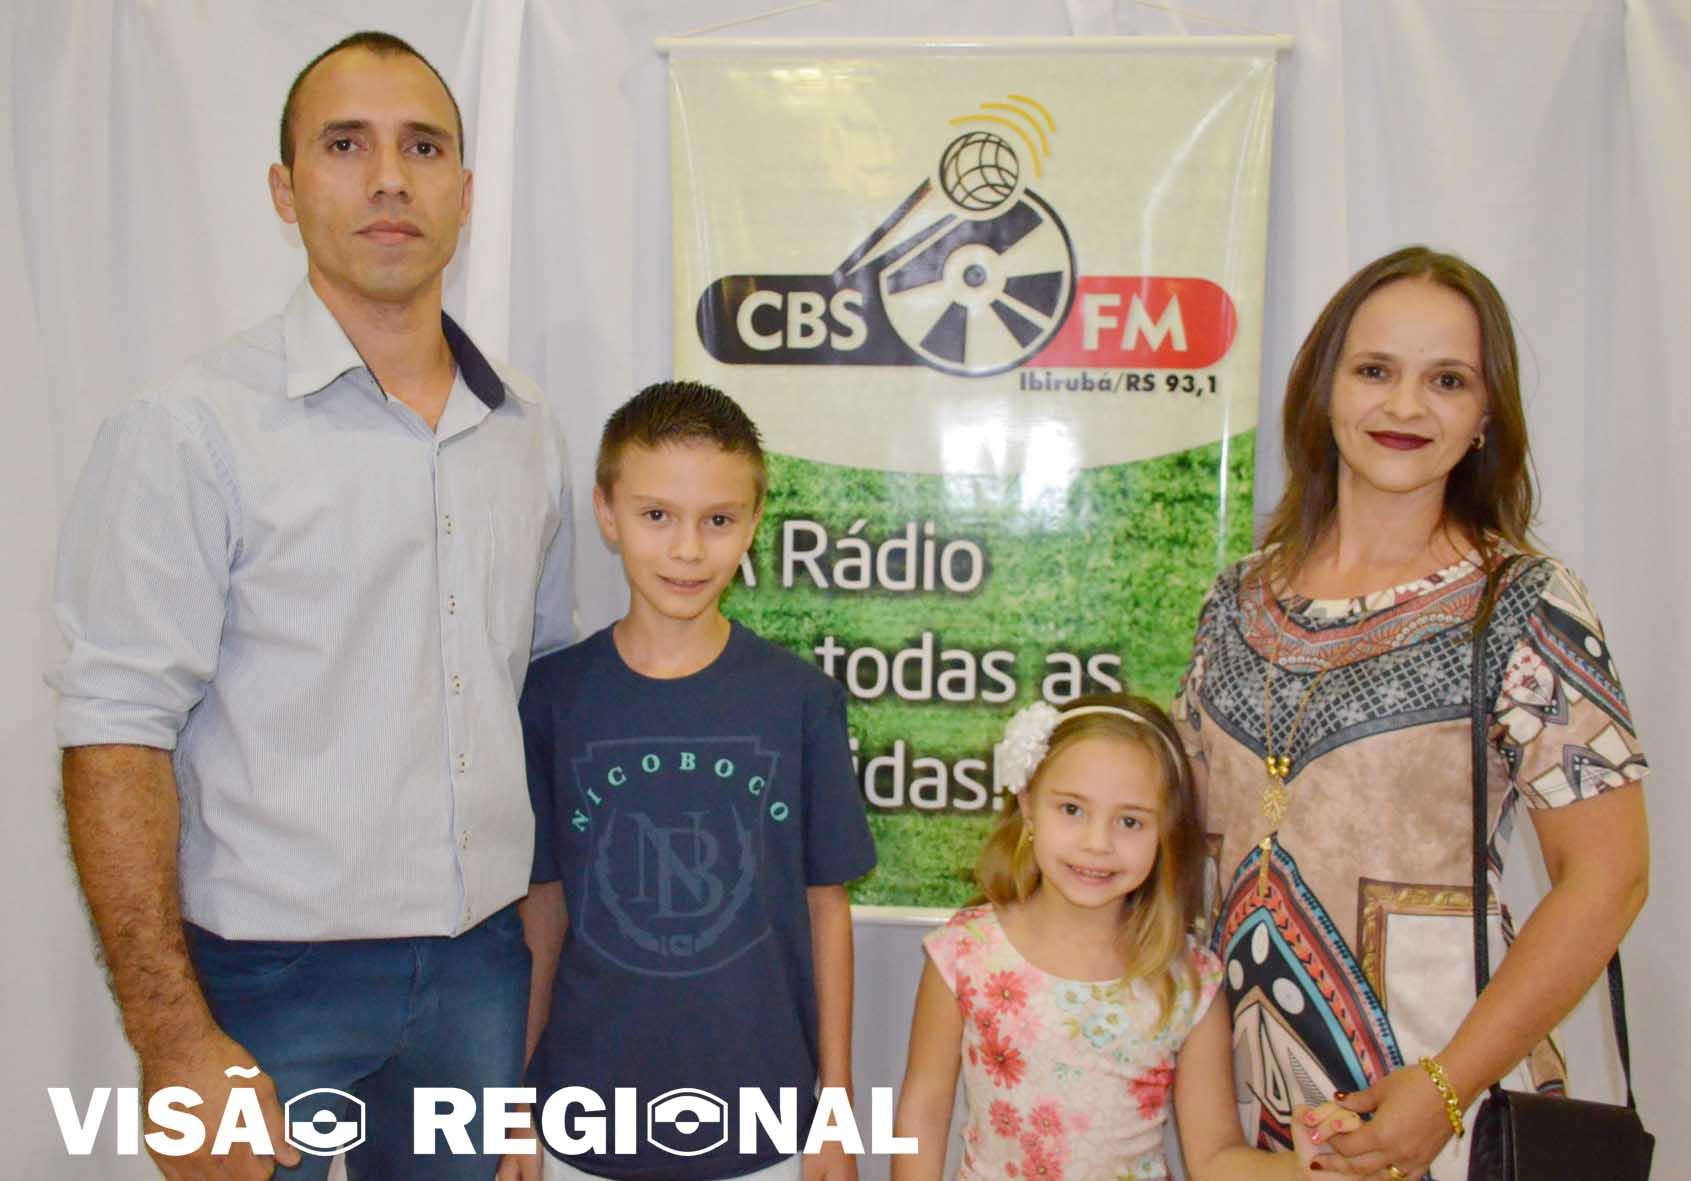 Asif CBS (11)